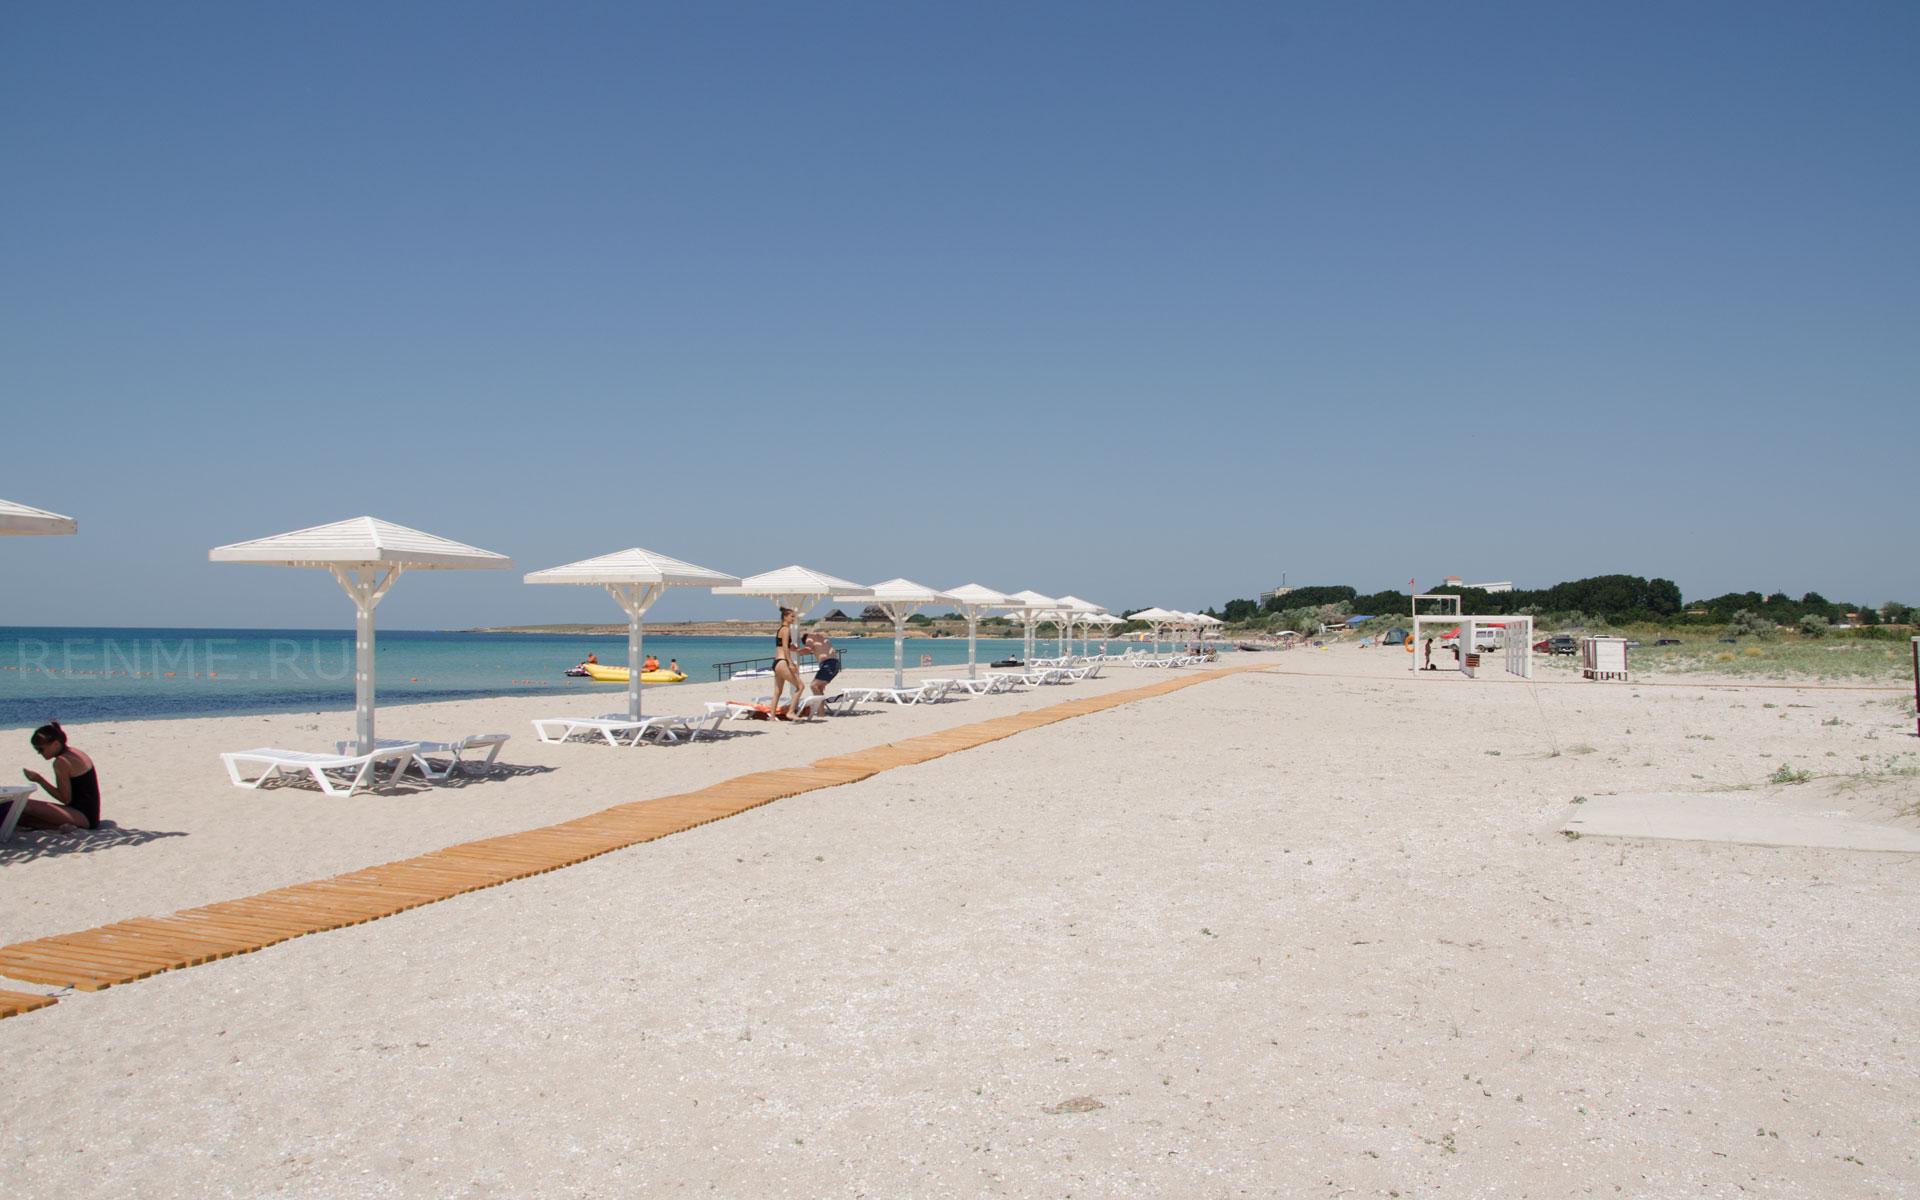 Лучший пляж с белым песком. Фото Оленевки